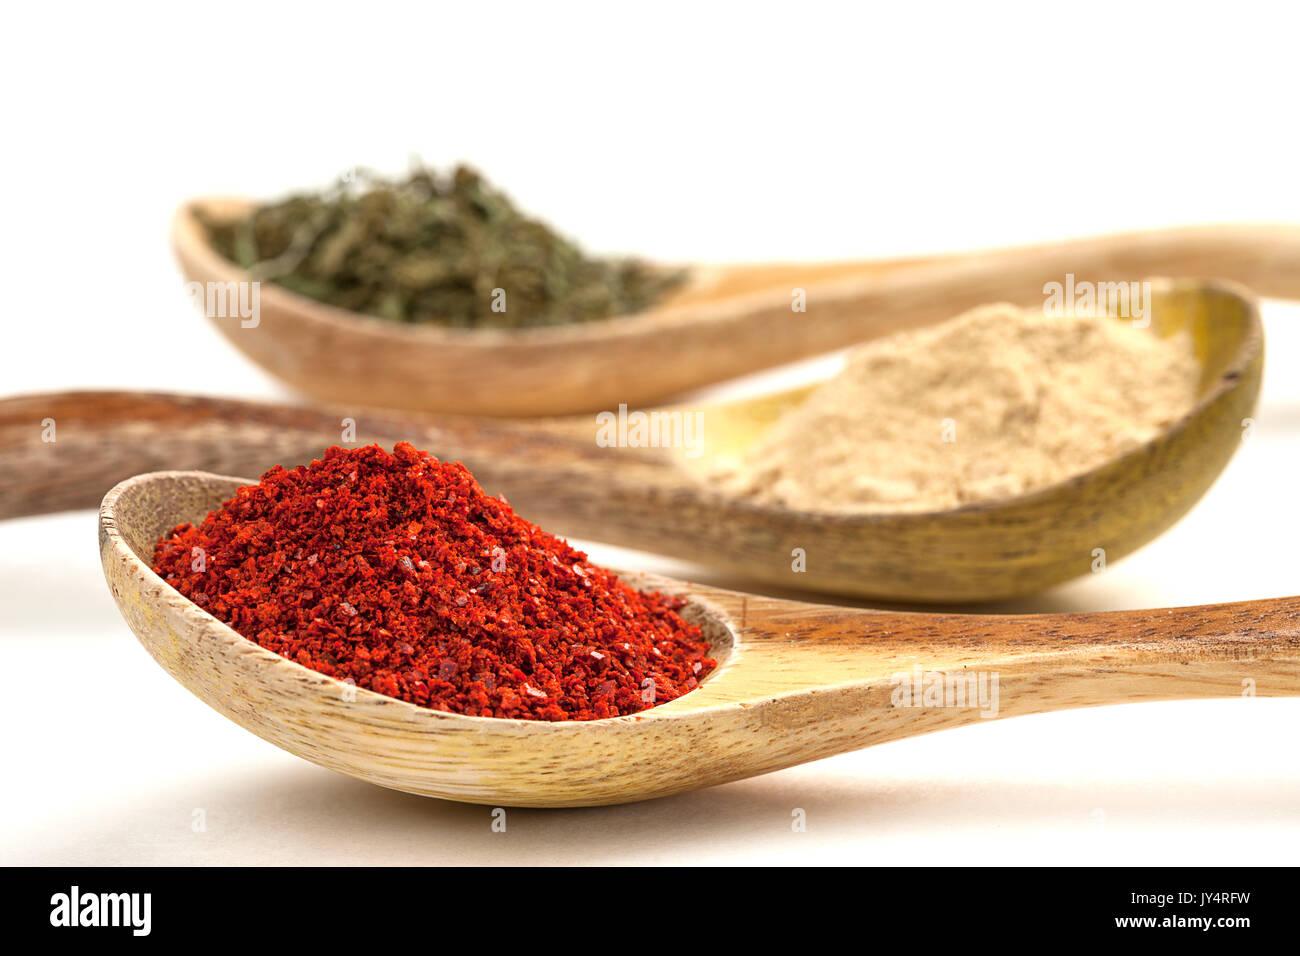 Una chiusura di cucchiai di legno riempita con polvere di peperoncino rosso, l'aglio in polvere e le foglie di basilico. Immagini Stock